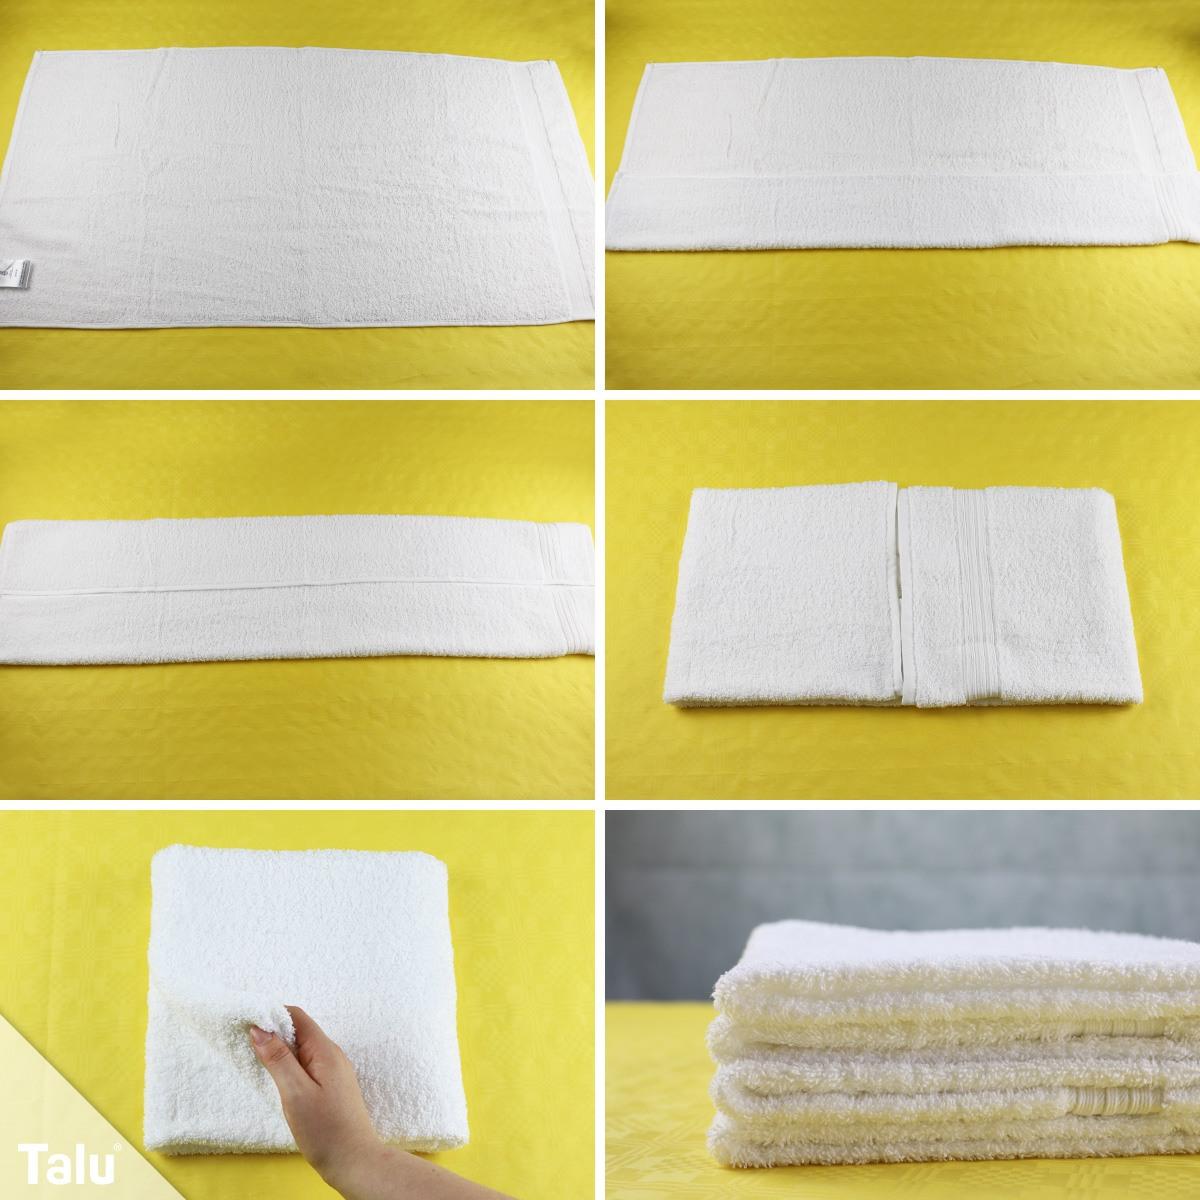 Handtücher sauber falten